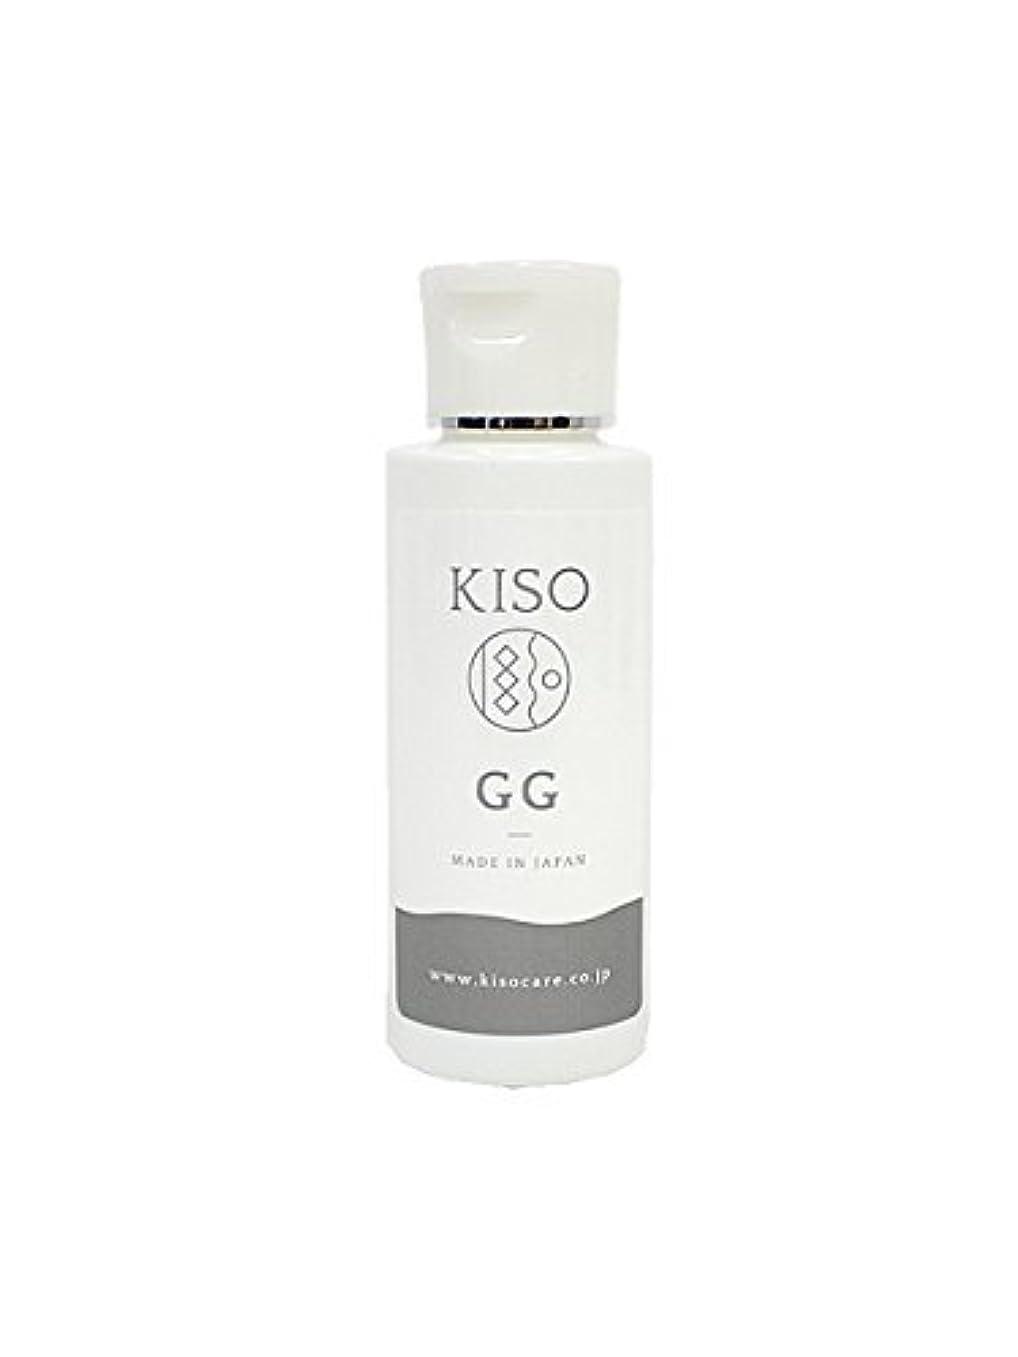 発行限りバンジージャンプKISO グリシルグリシン5% 高配合美容水 【GGエッセンス 50mL】 肌のキメを整える?肌をひきしめる